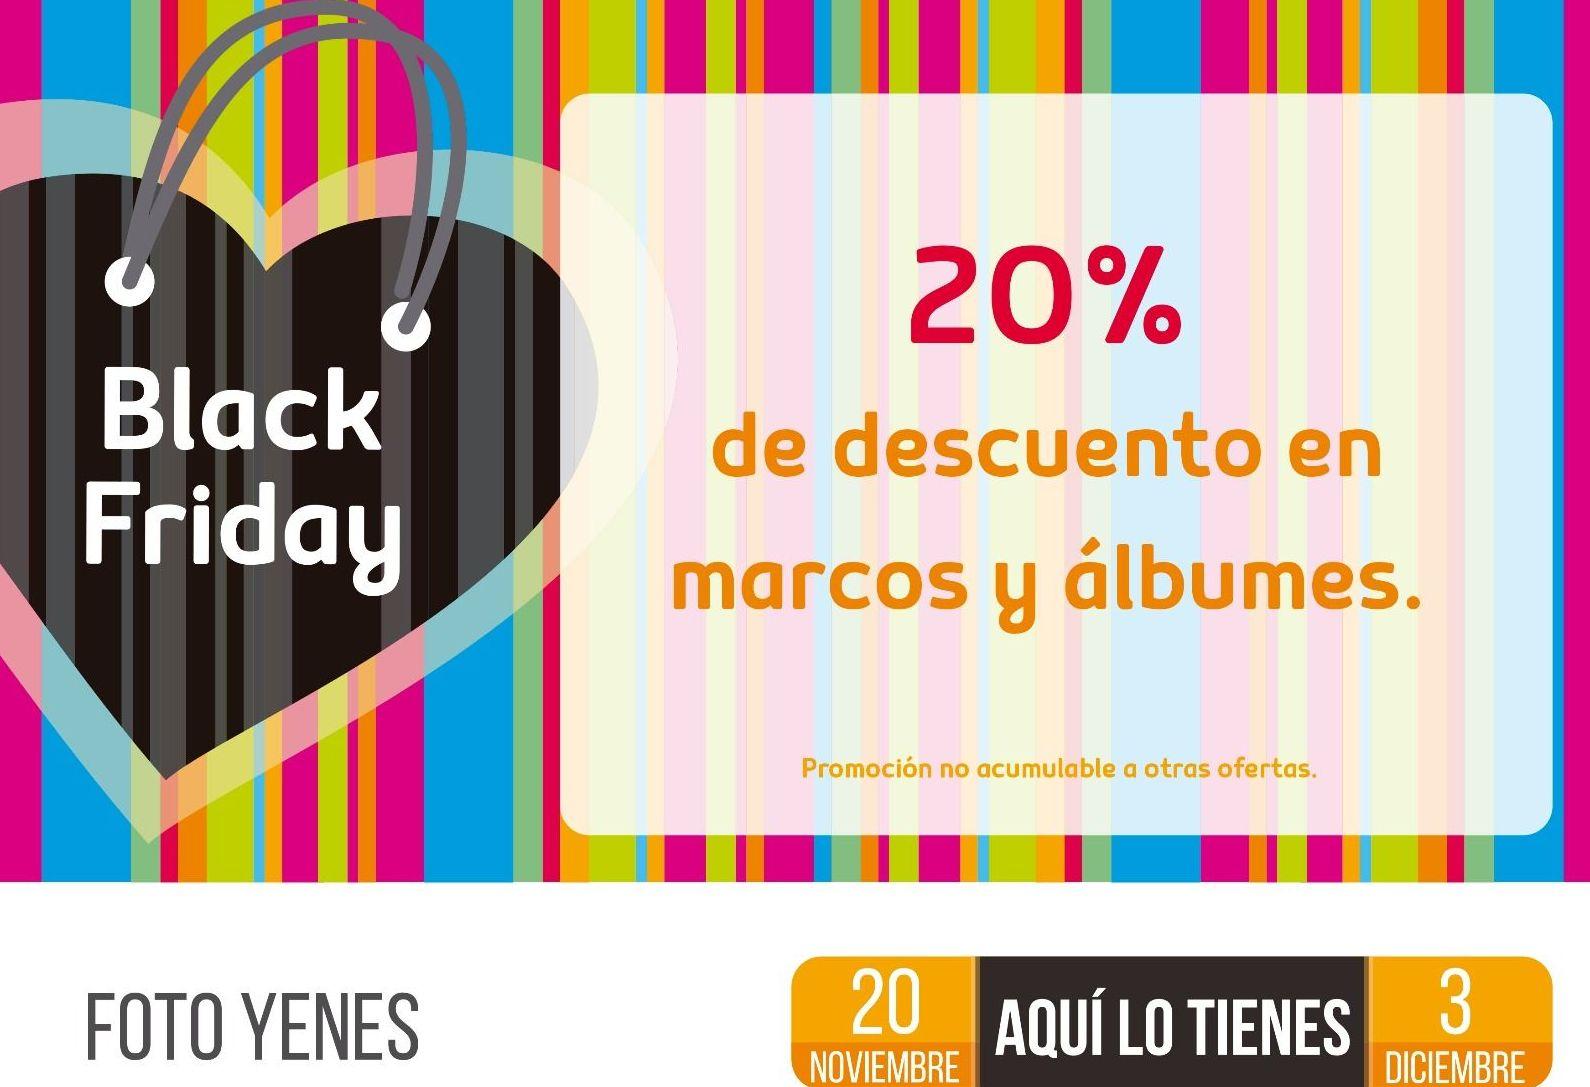 DOS SEMANAS DE BLACK FRIDAY... ¡APROVECHA LOS DESCUENTOS!